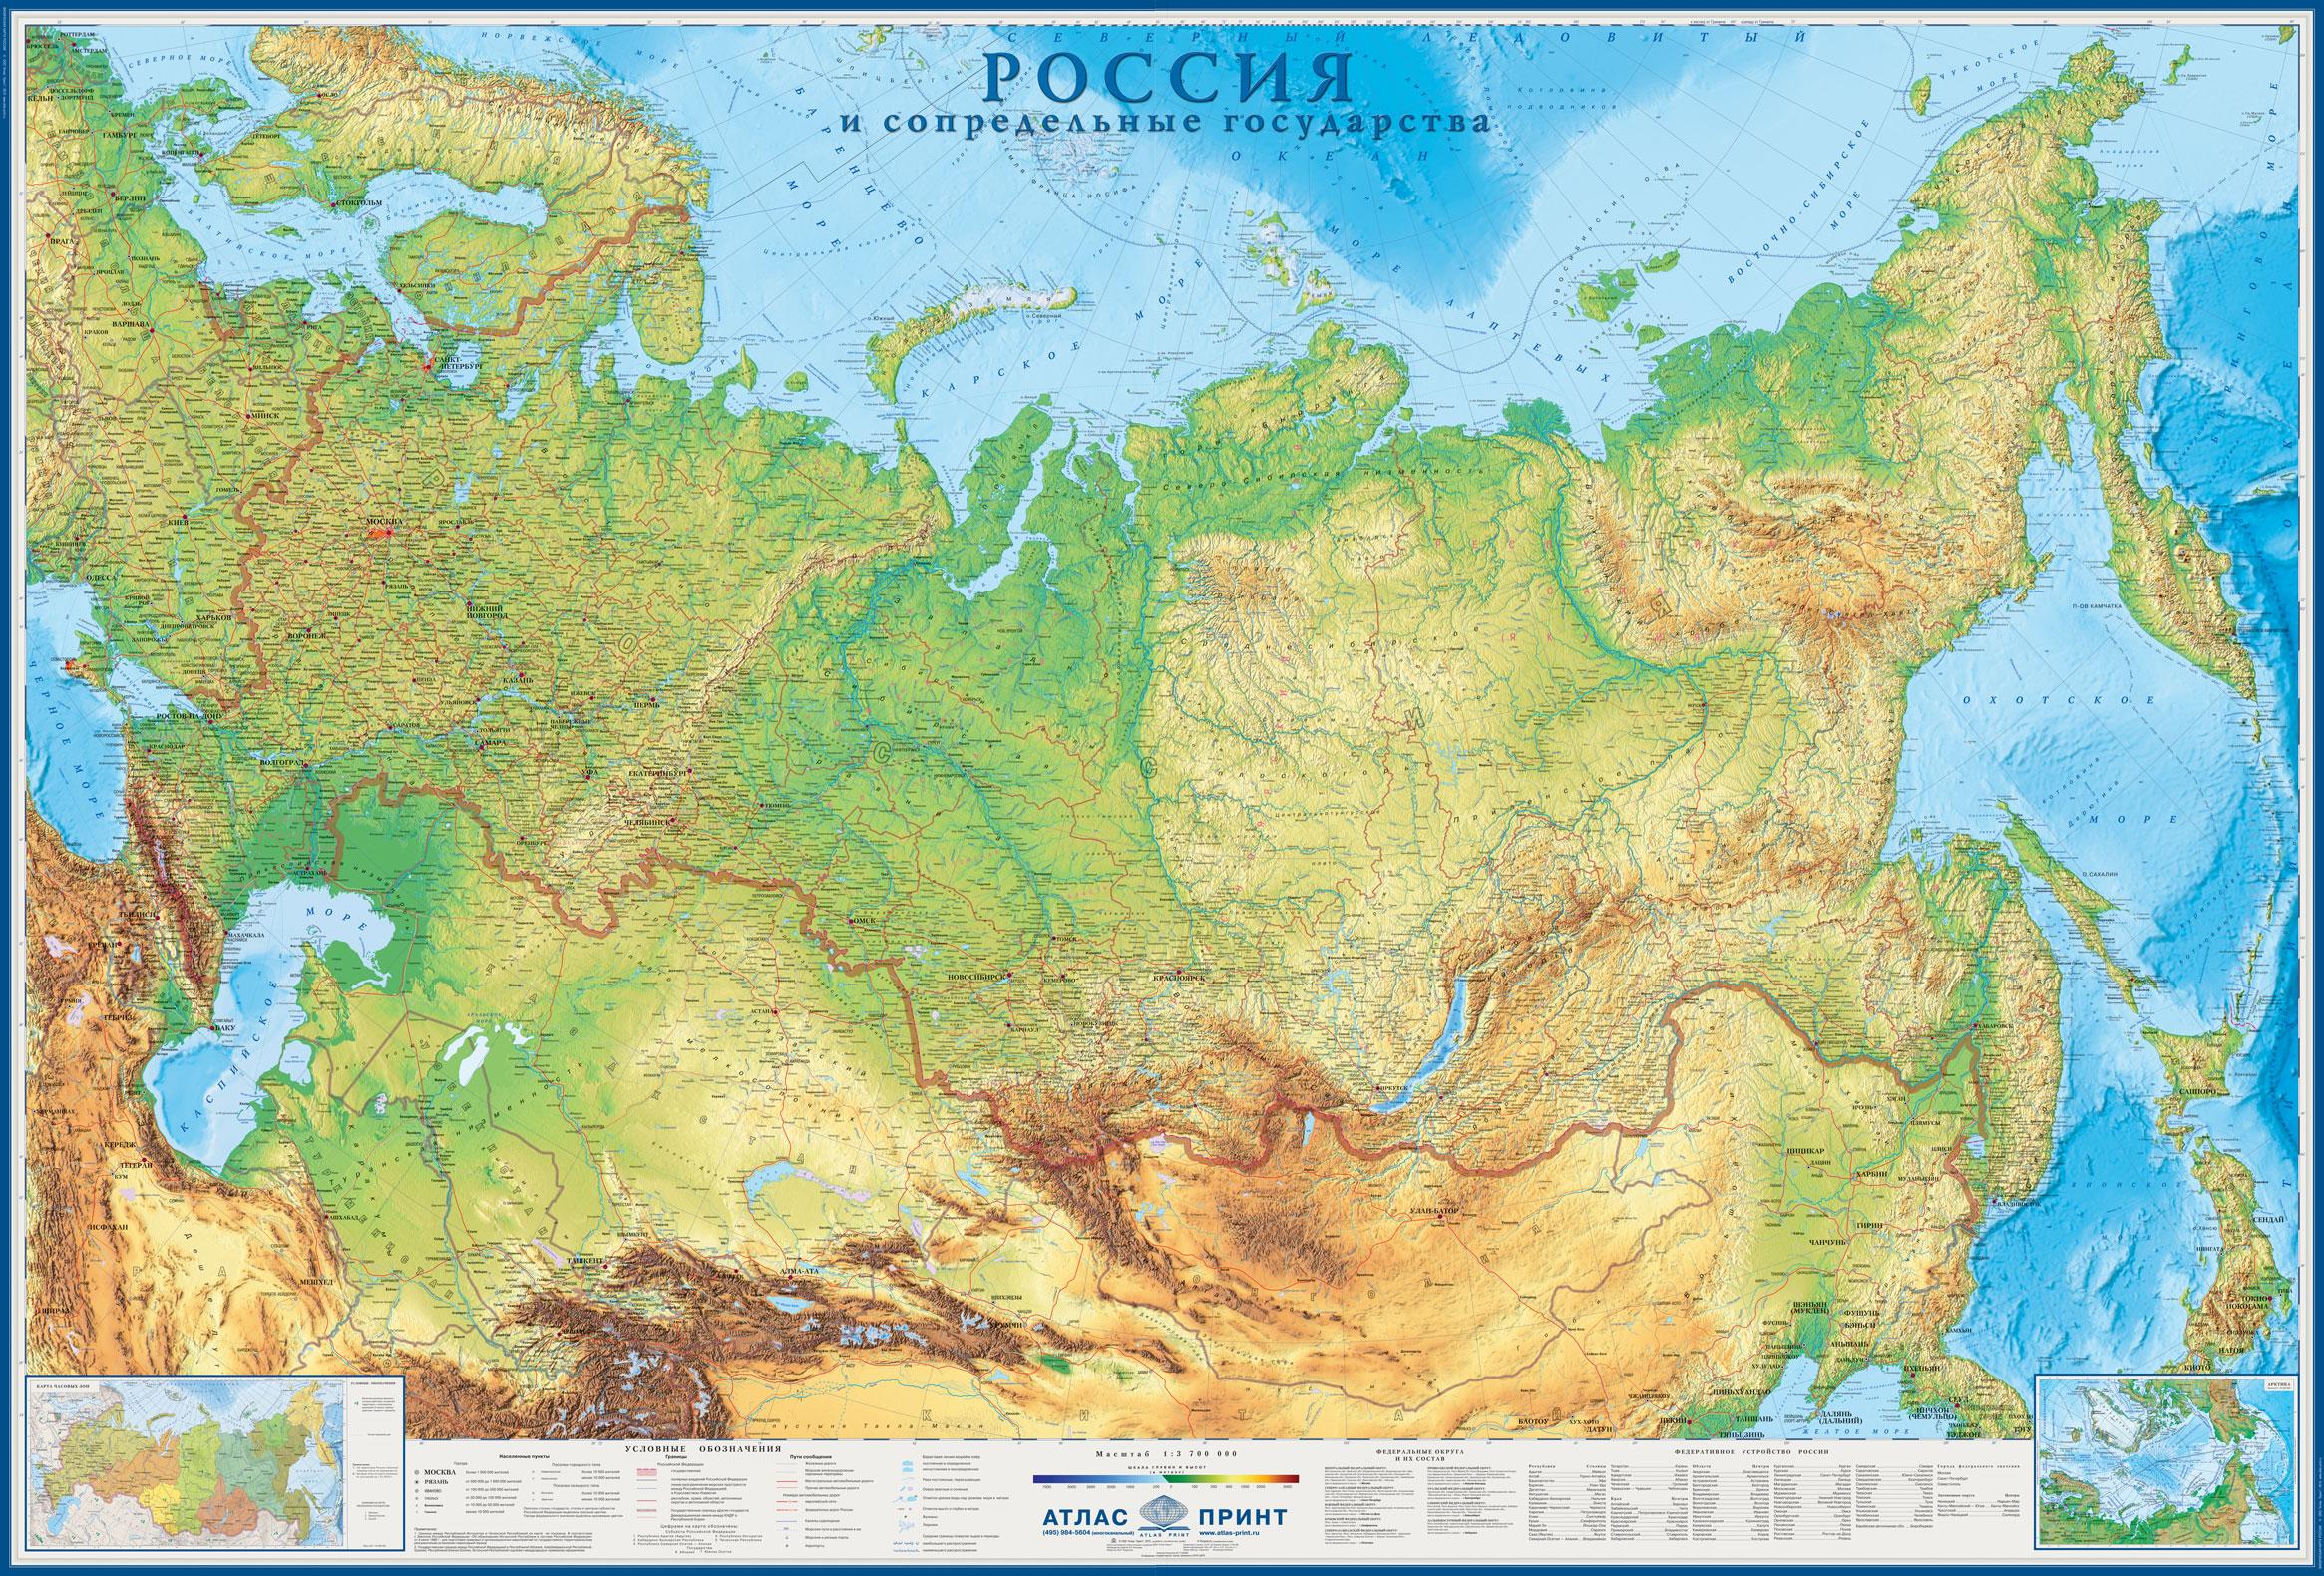 Большая настенная физическая карта России и сопредельных государств 2,33х1,58 м